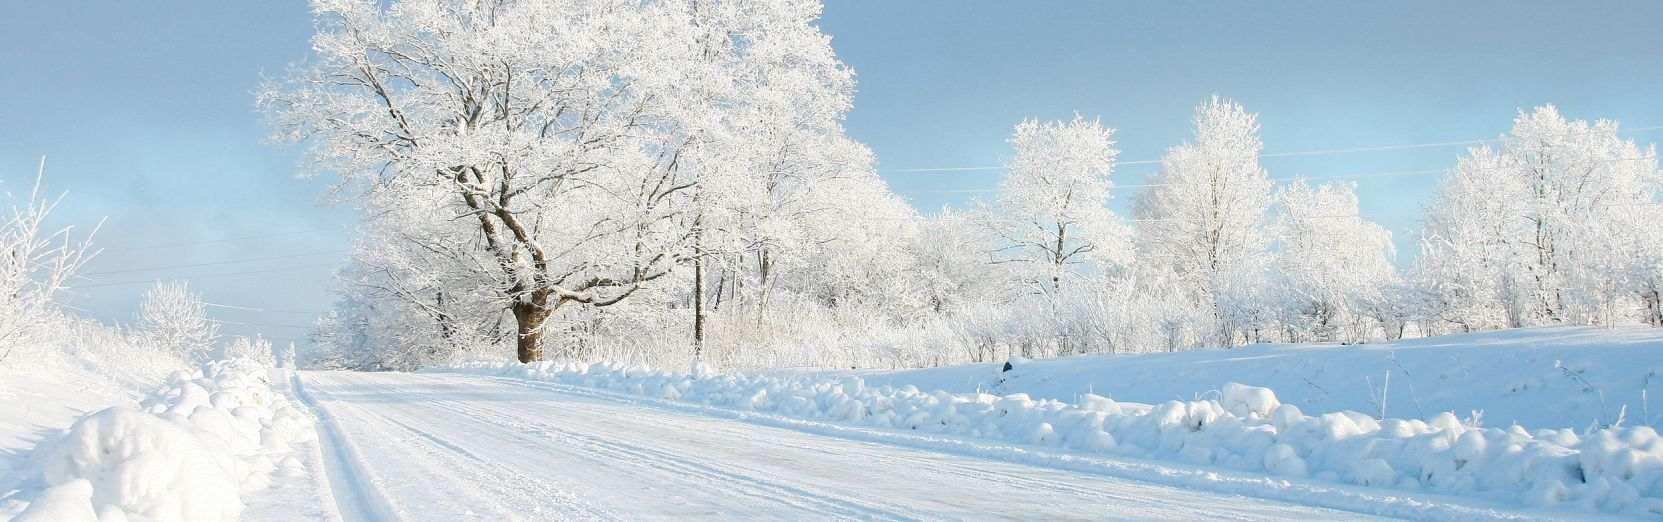 Schneeketten für den Mietwagen